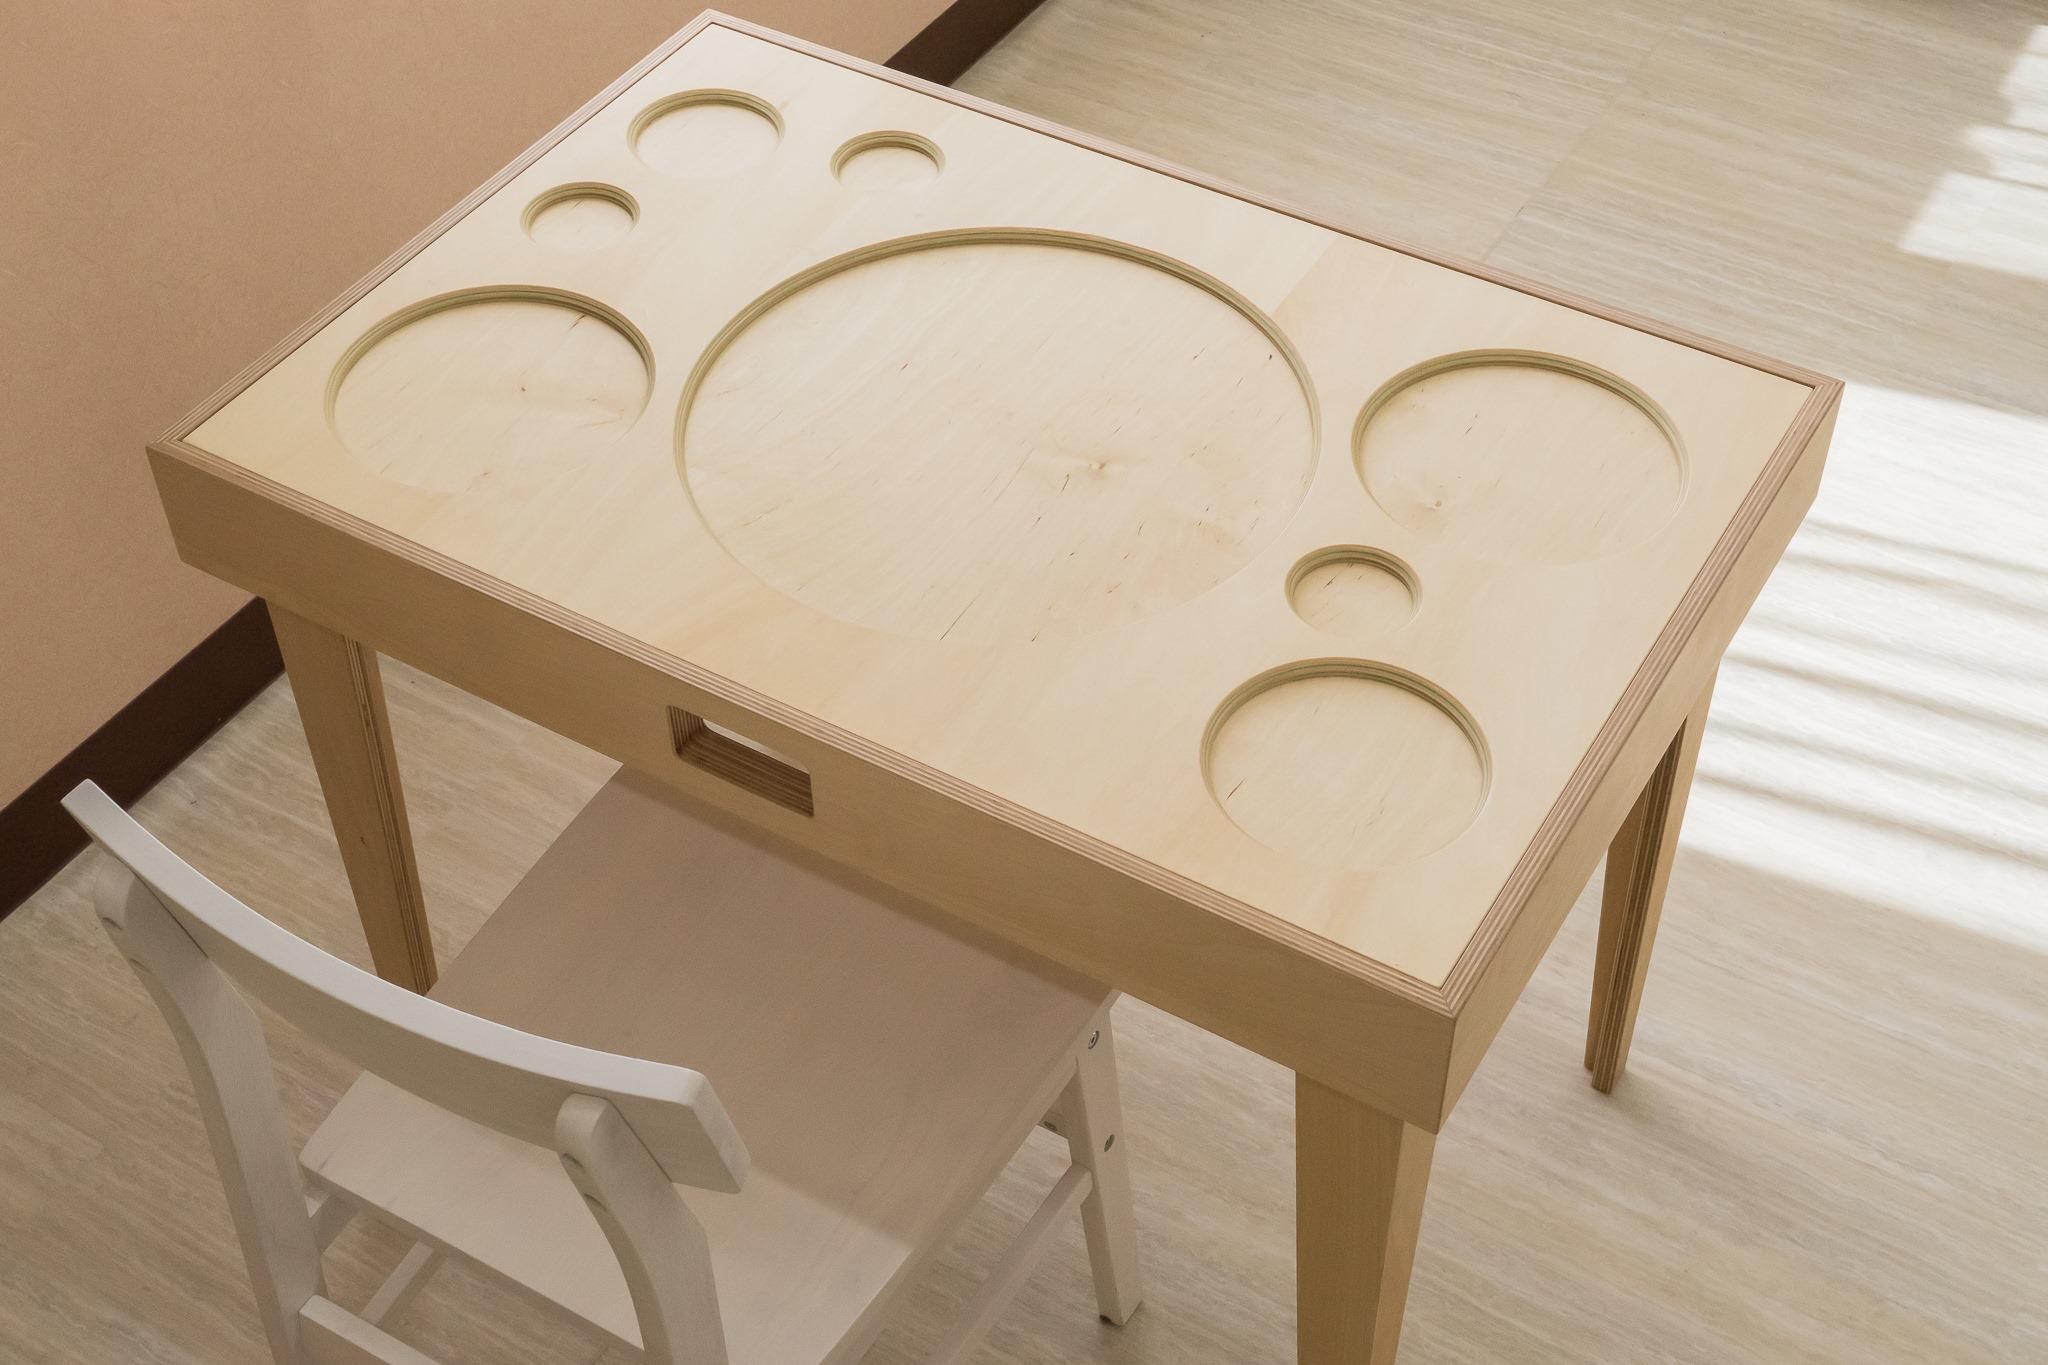 12150【年度テーマ】obon table / Table for the Blind by the Blind